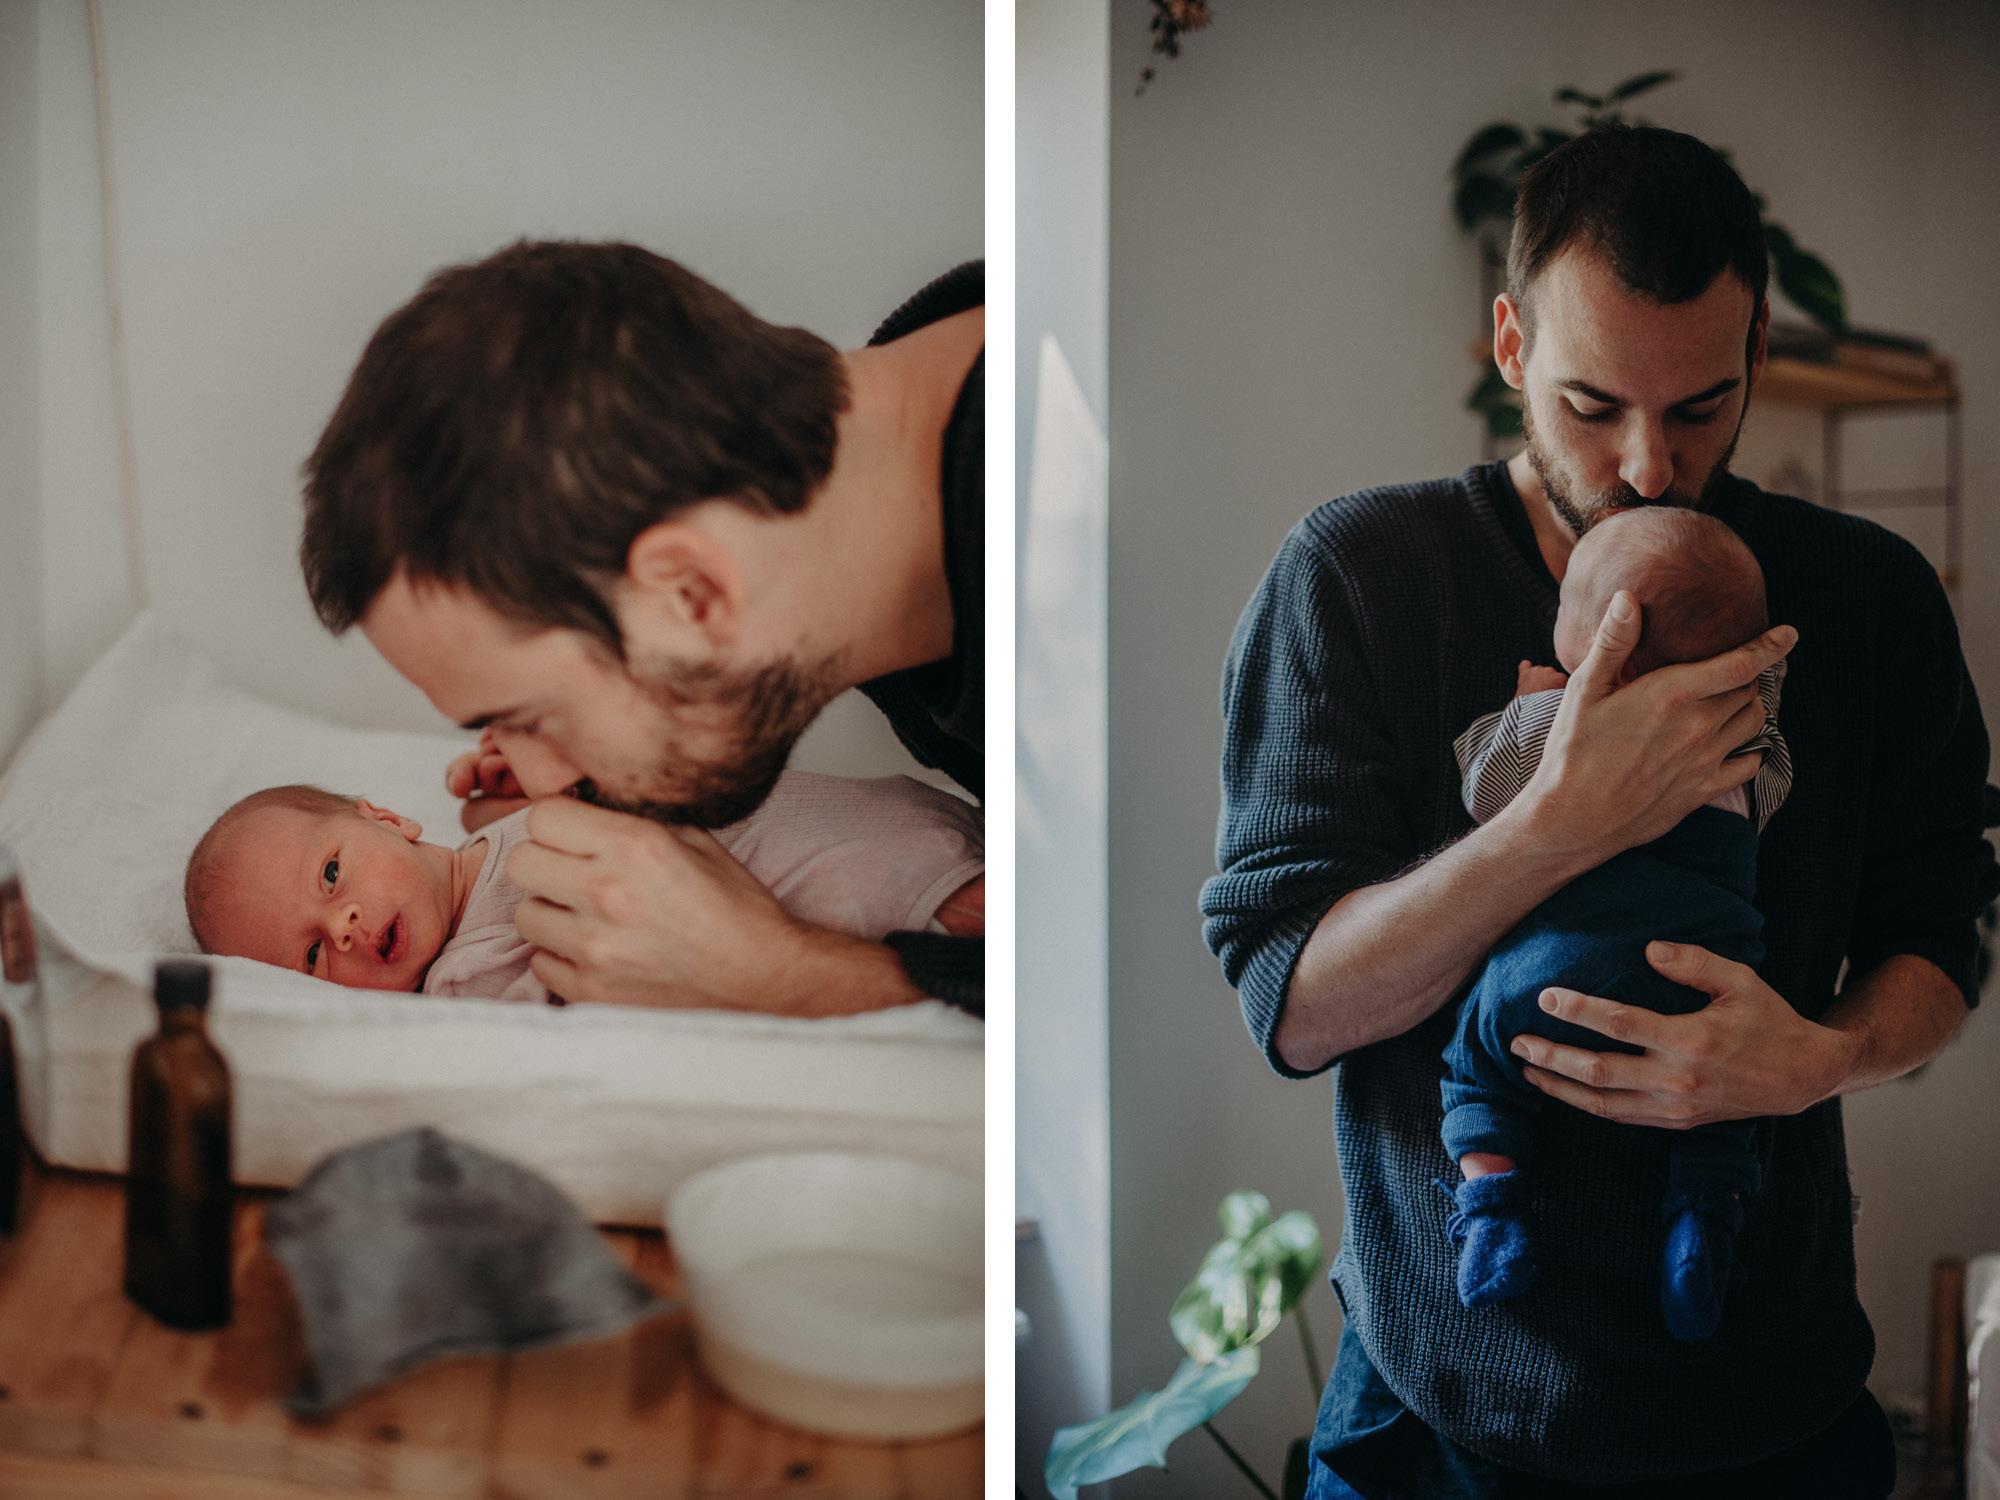 Vater mit Neugeborenen, Blogpost Babyfotoshooting selber machen, Fotografin Freiburg